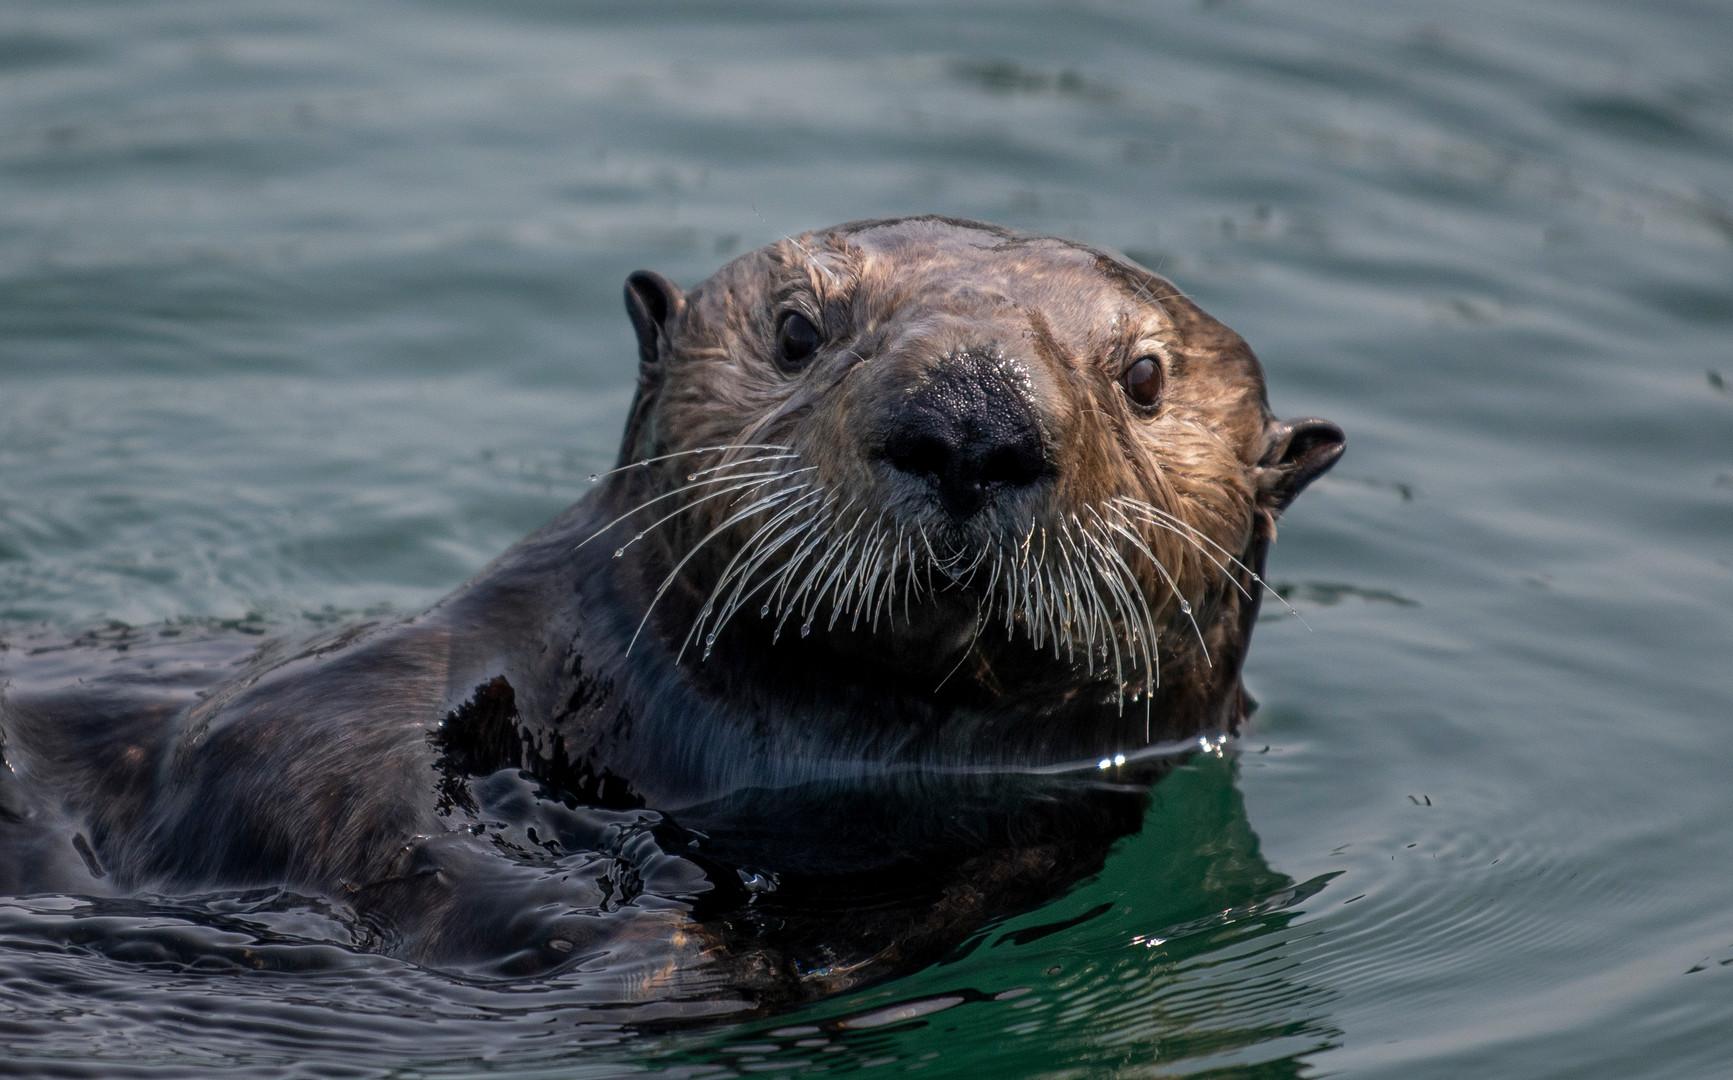 An otter in the Cordova Harbor.